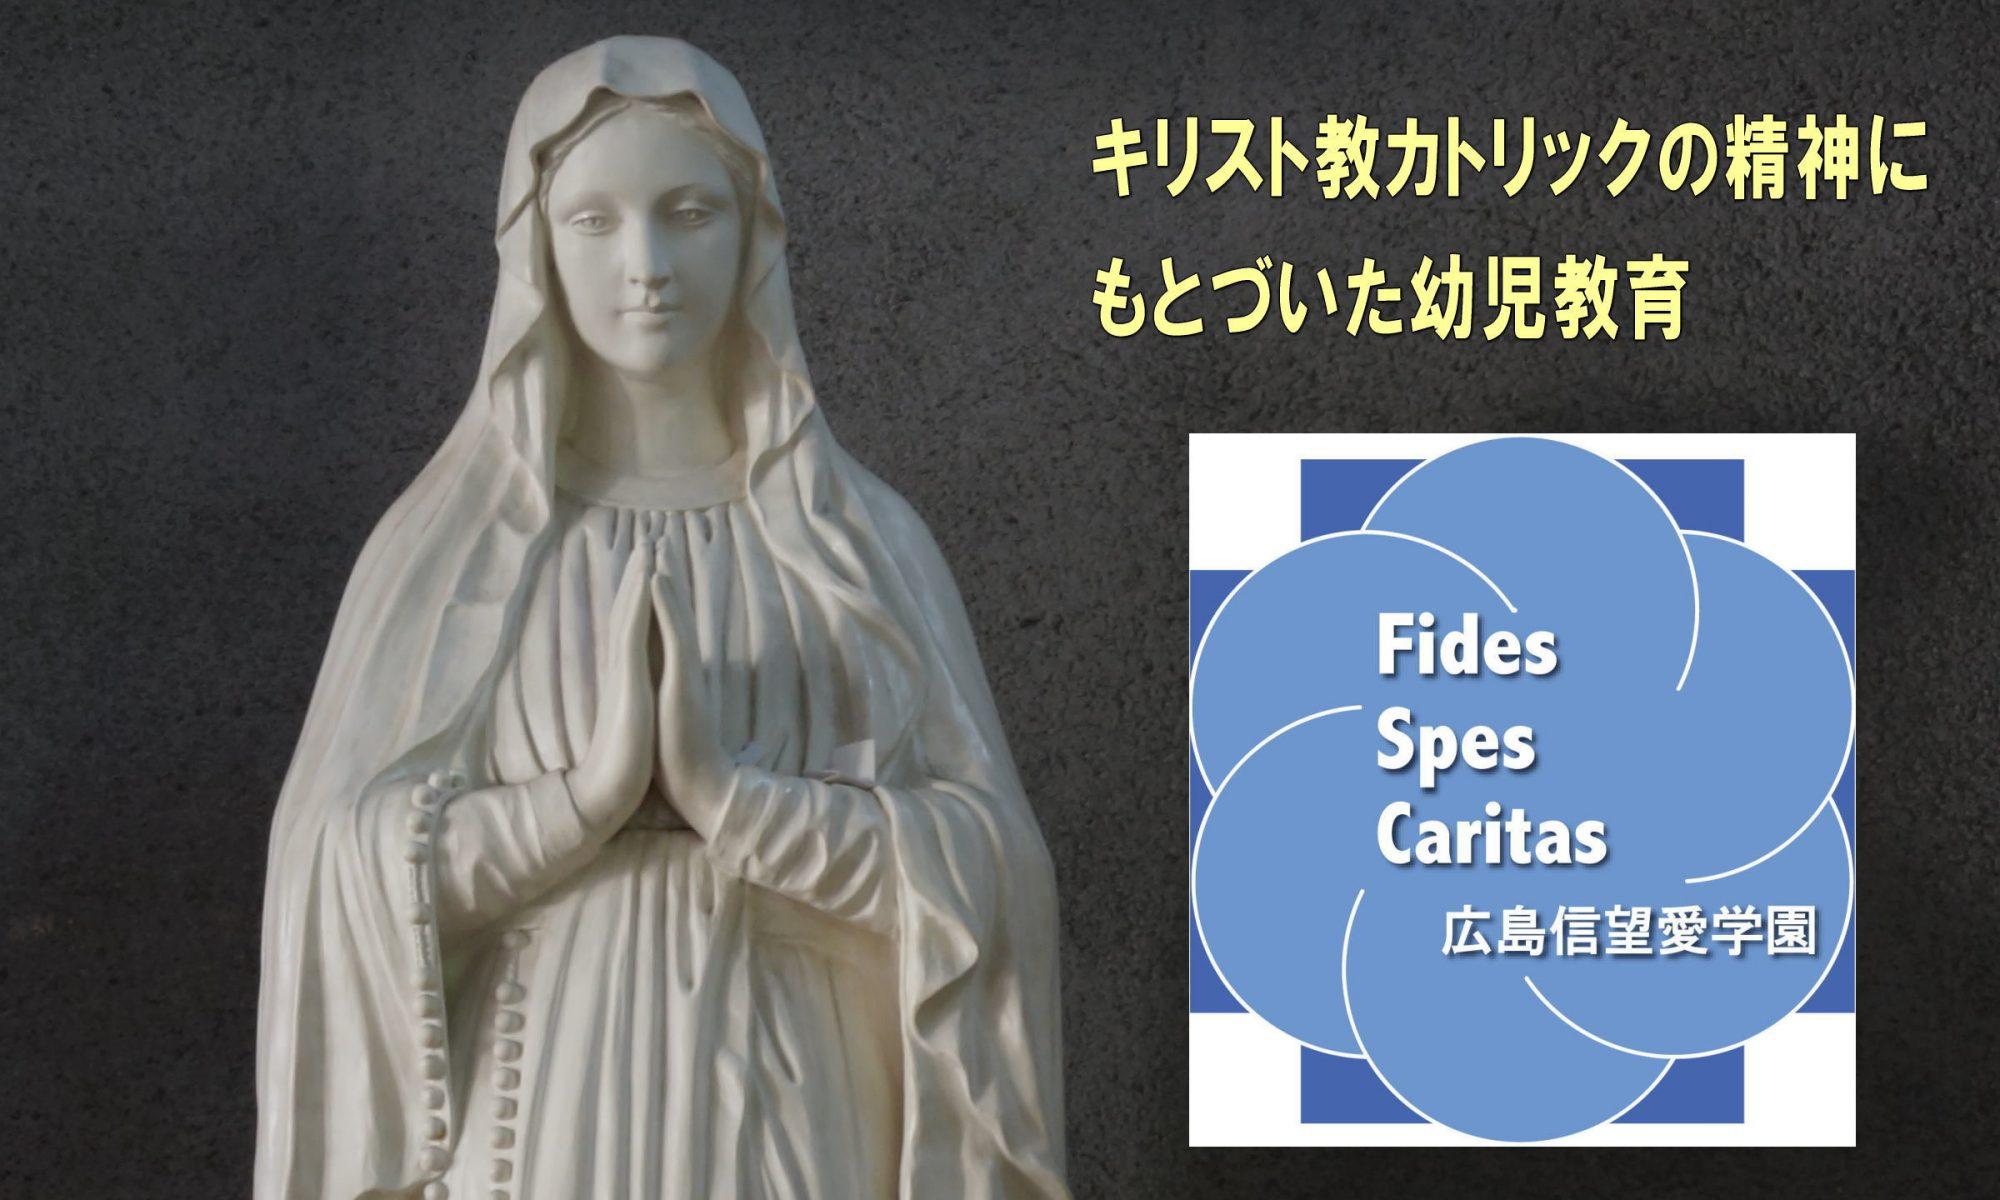 広島信望愛学園の臨時お知らせ